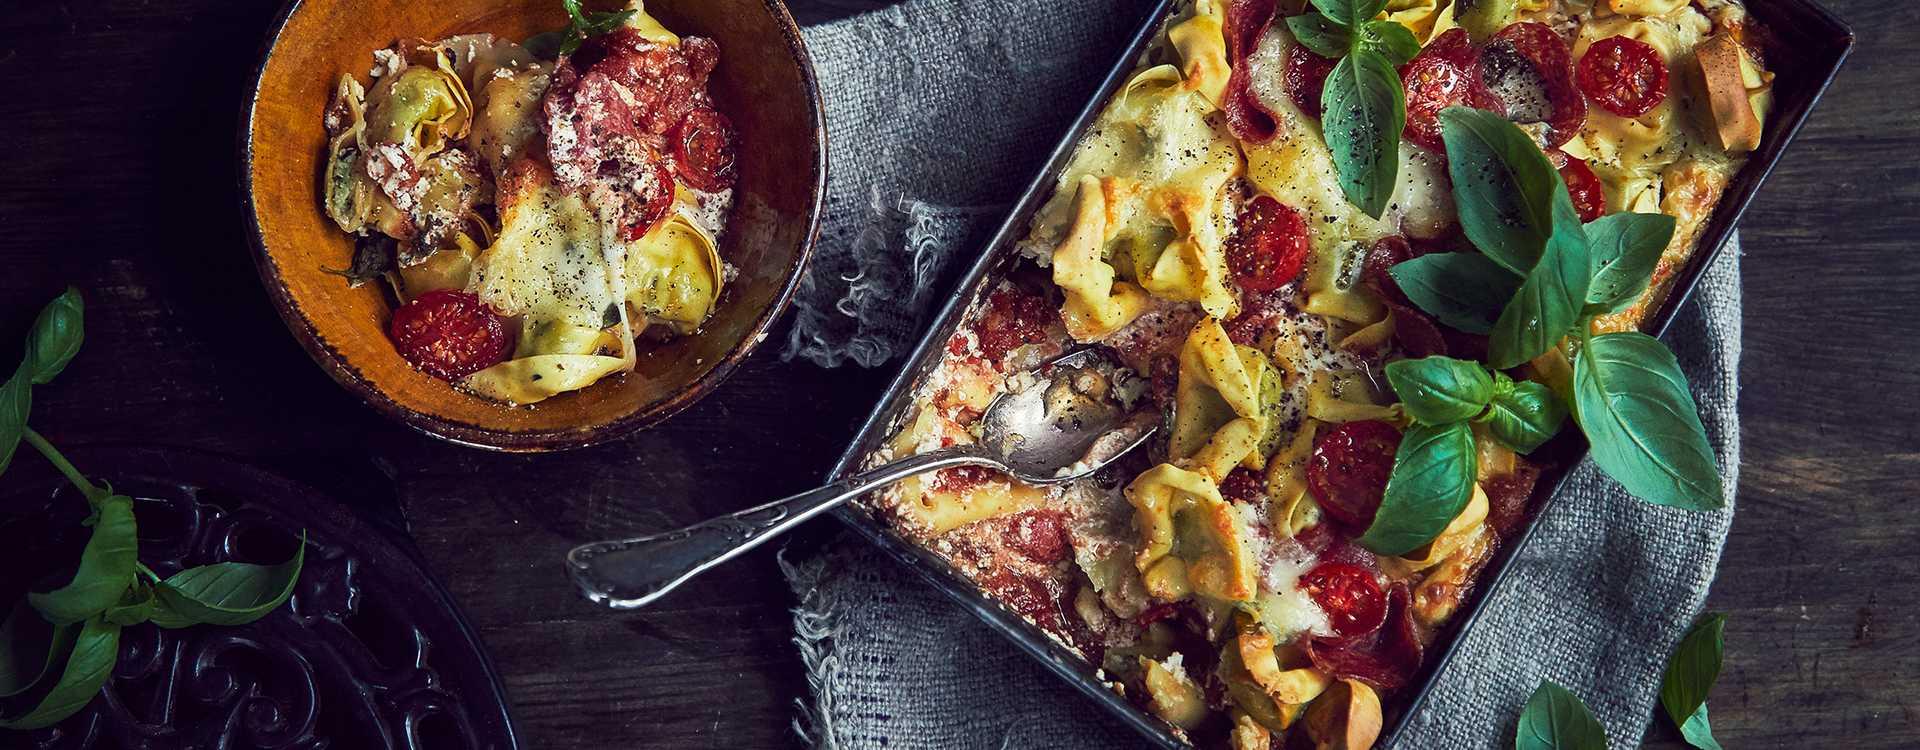 Ovnsbakt tortelloni med spekemat og mozzarella